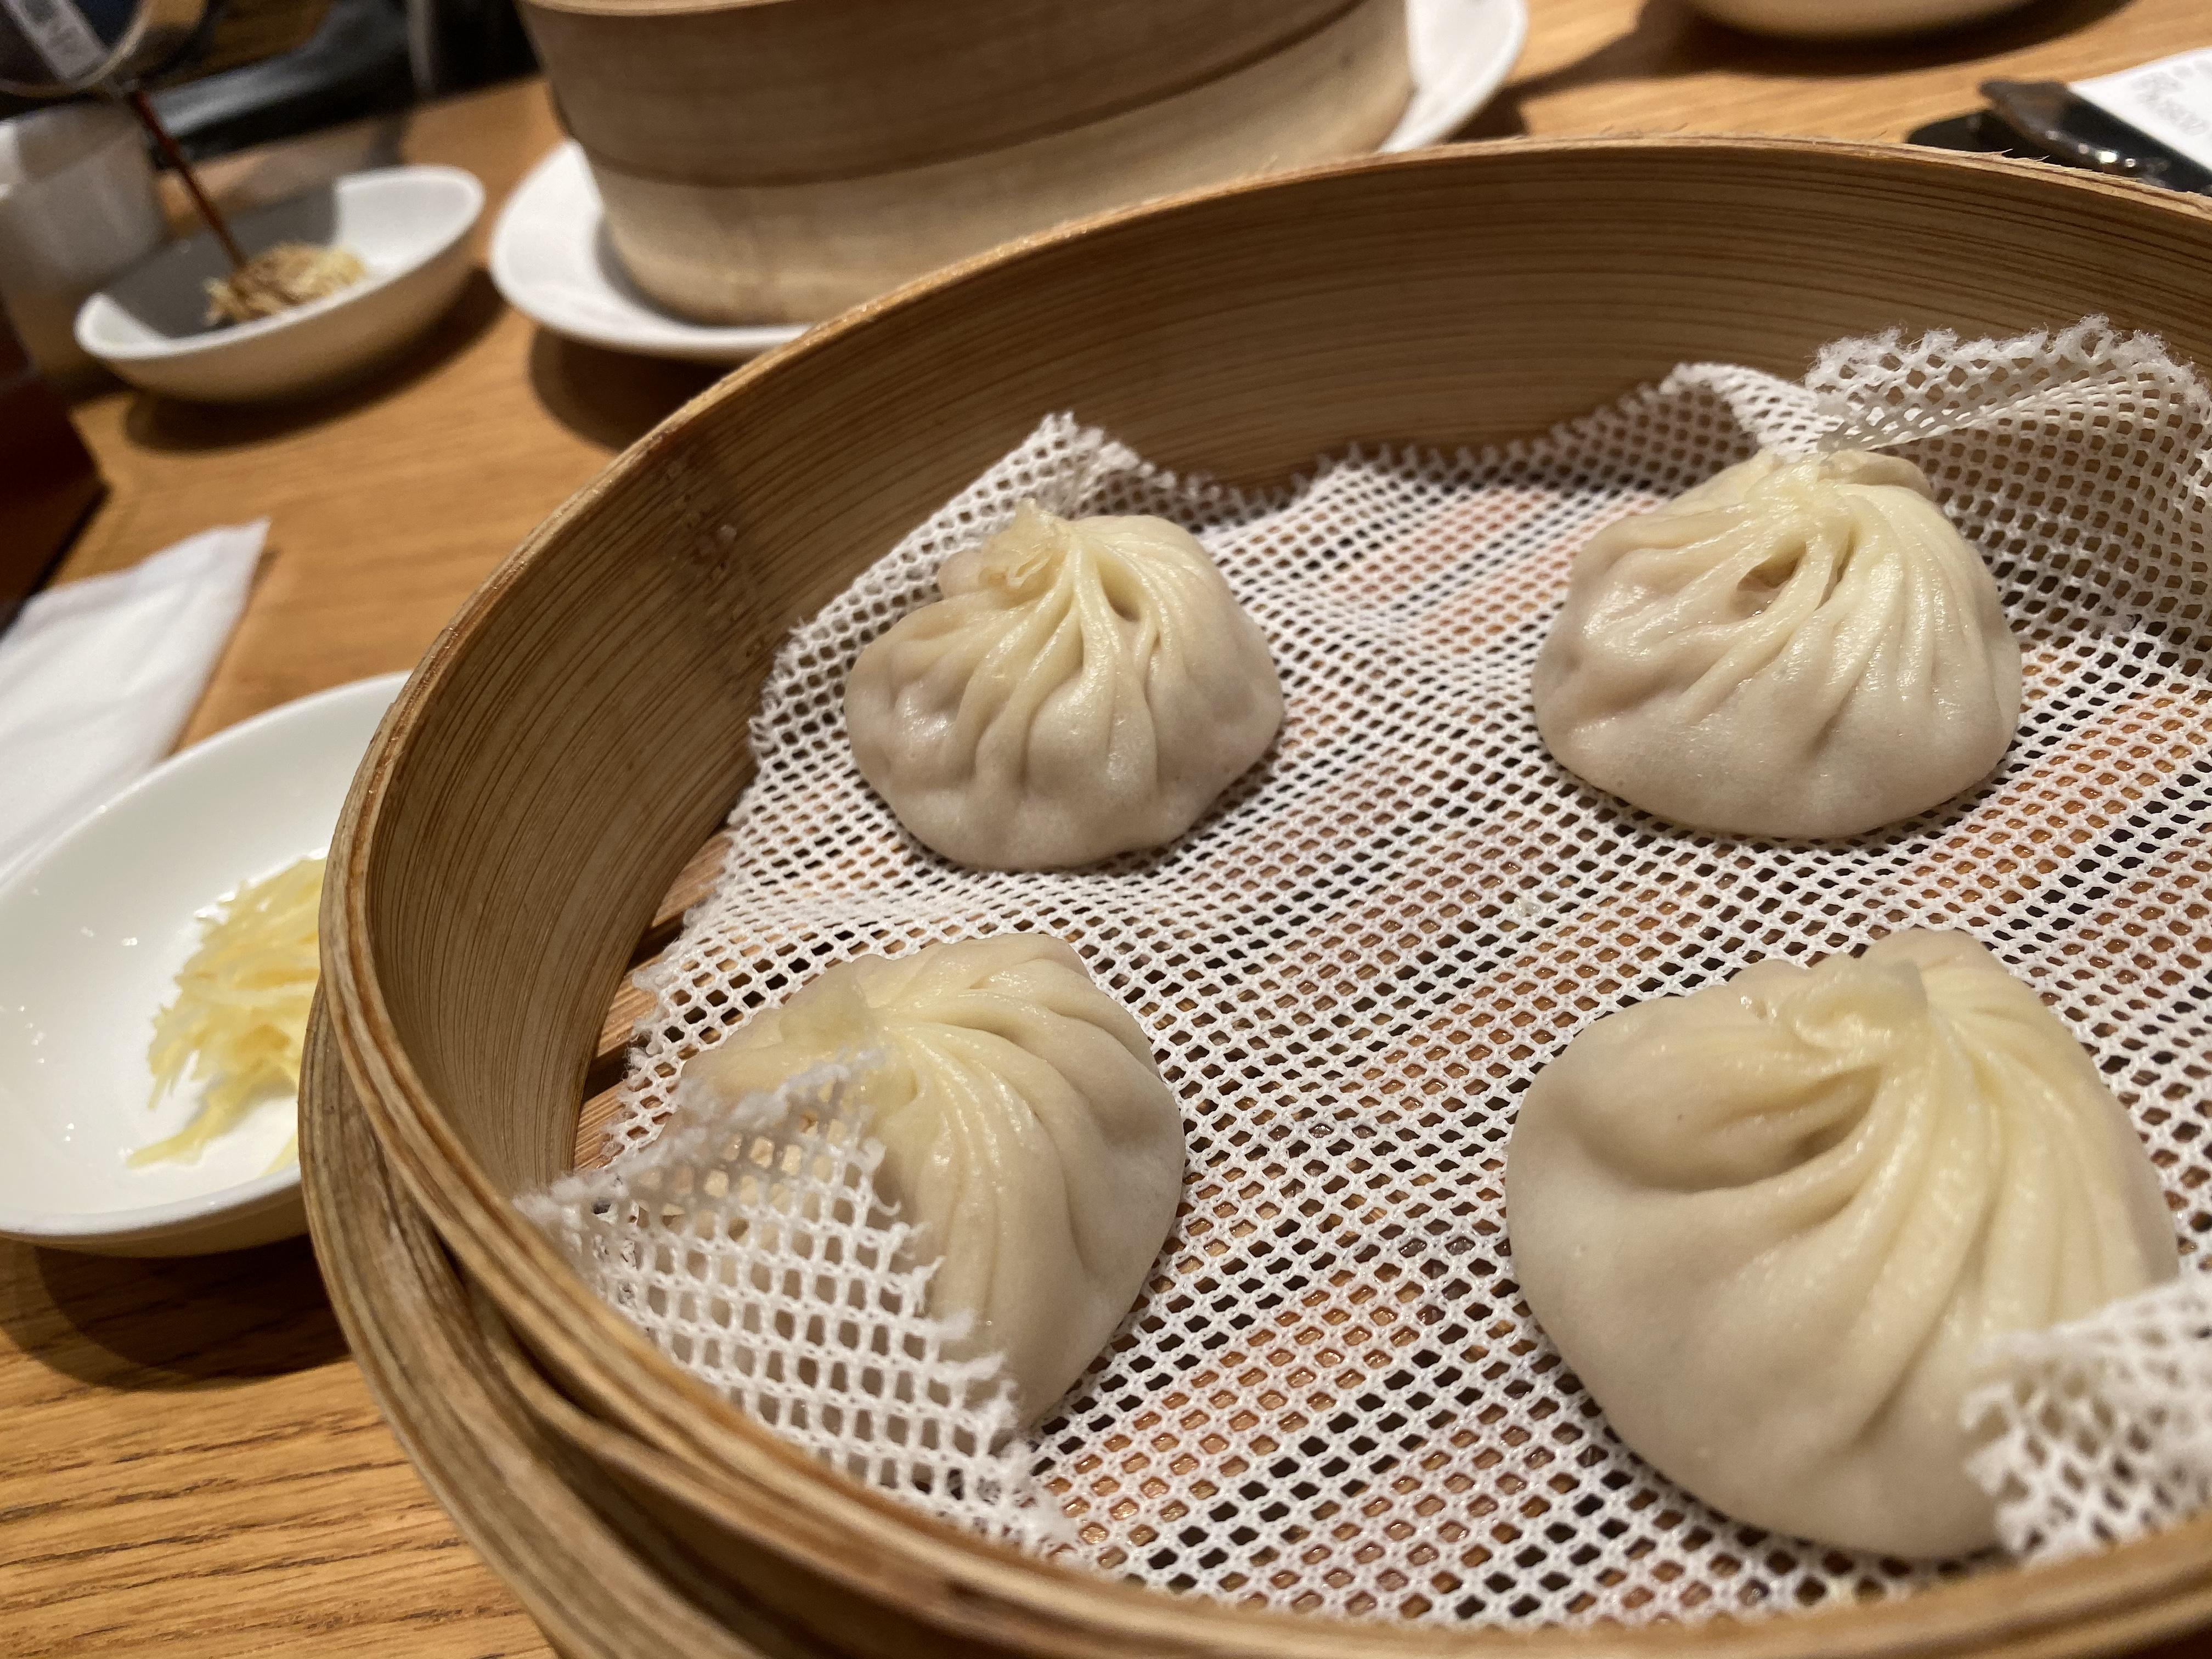 鼎泰豊 恵比寿店のランチ